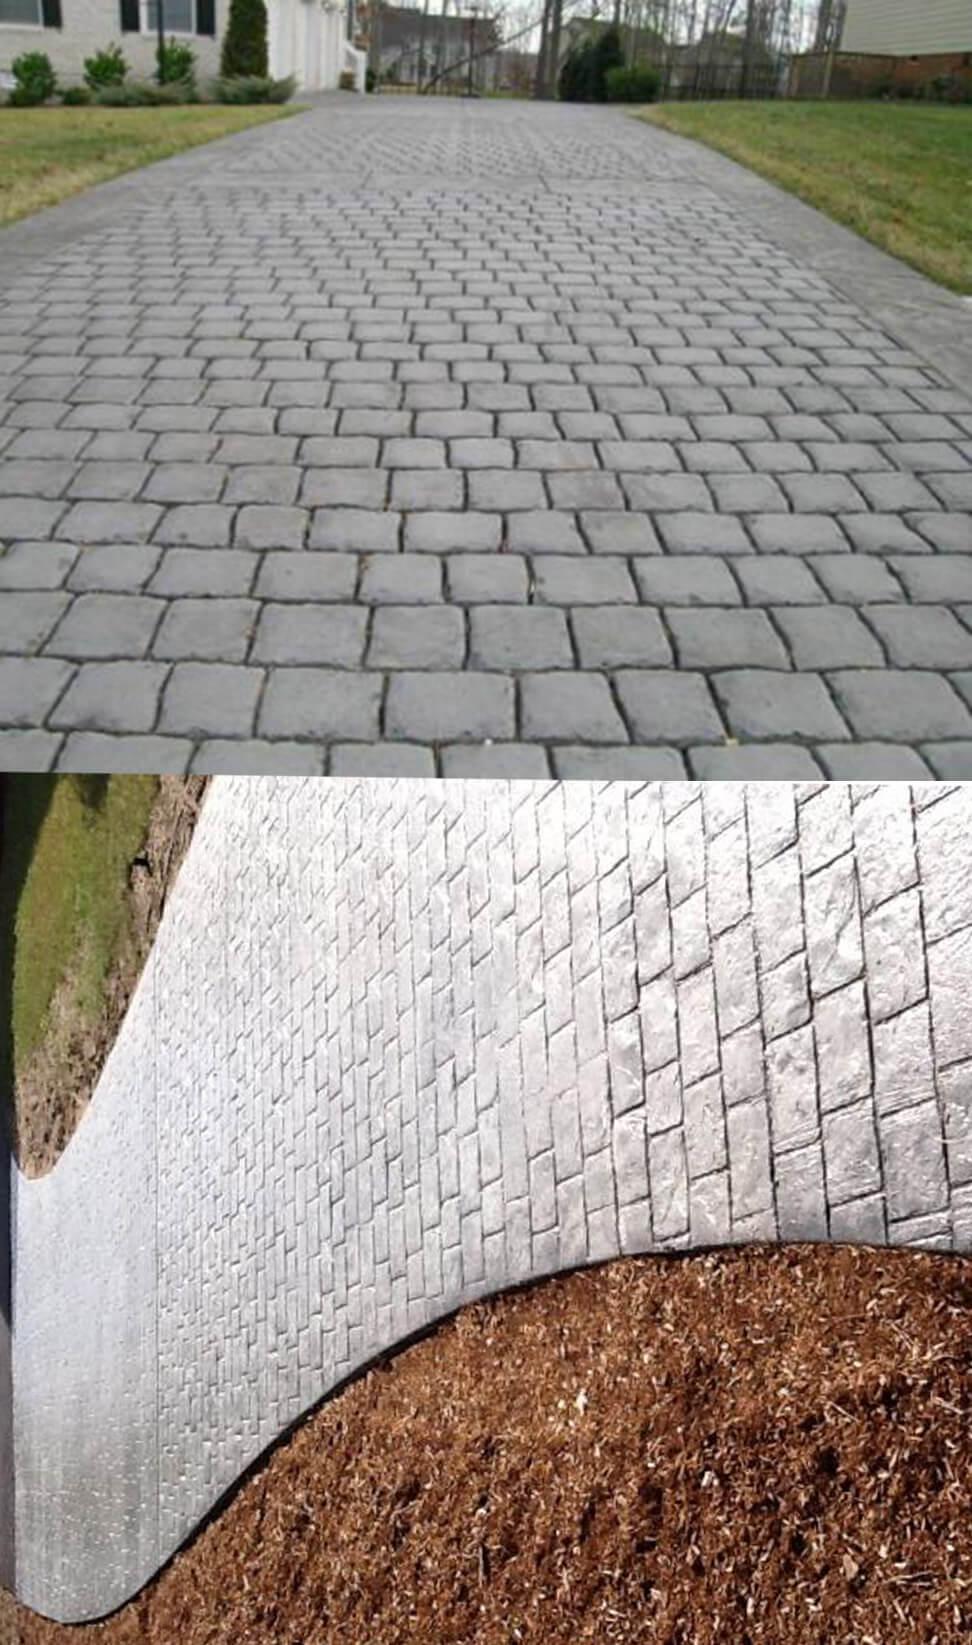 Where to Use Concrete Paver?